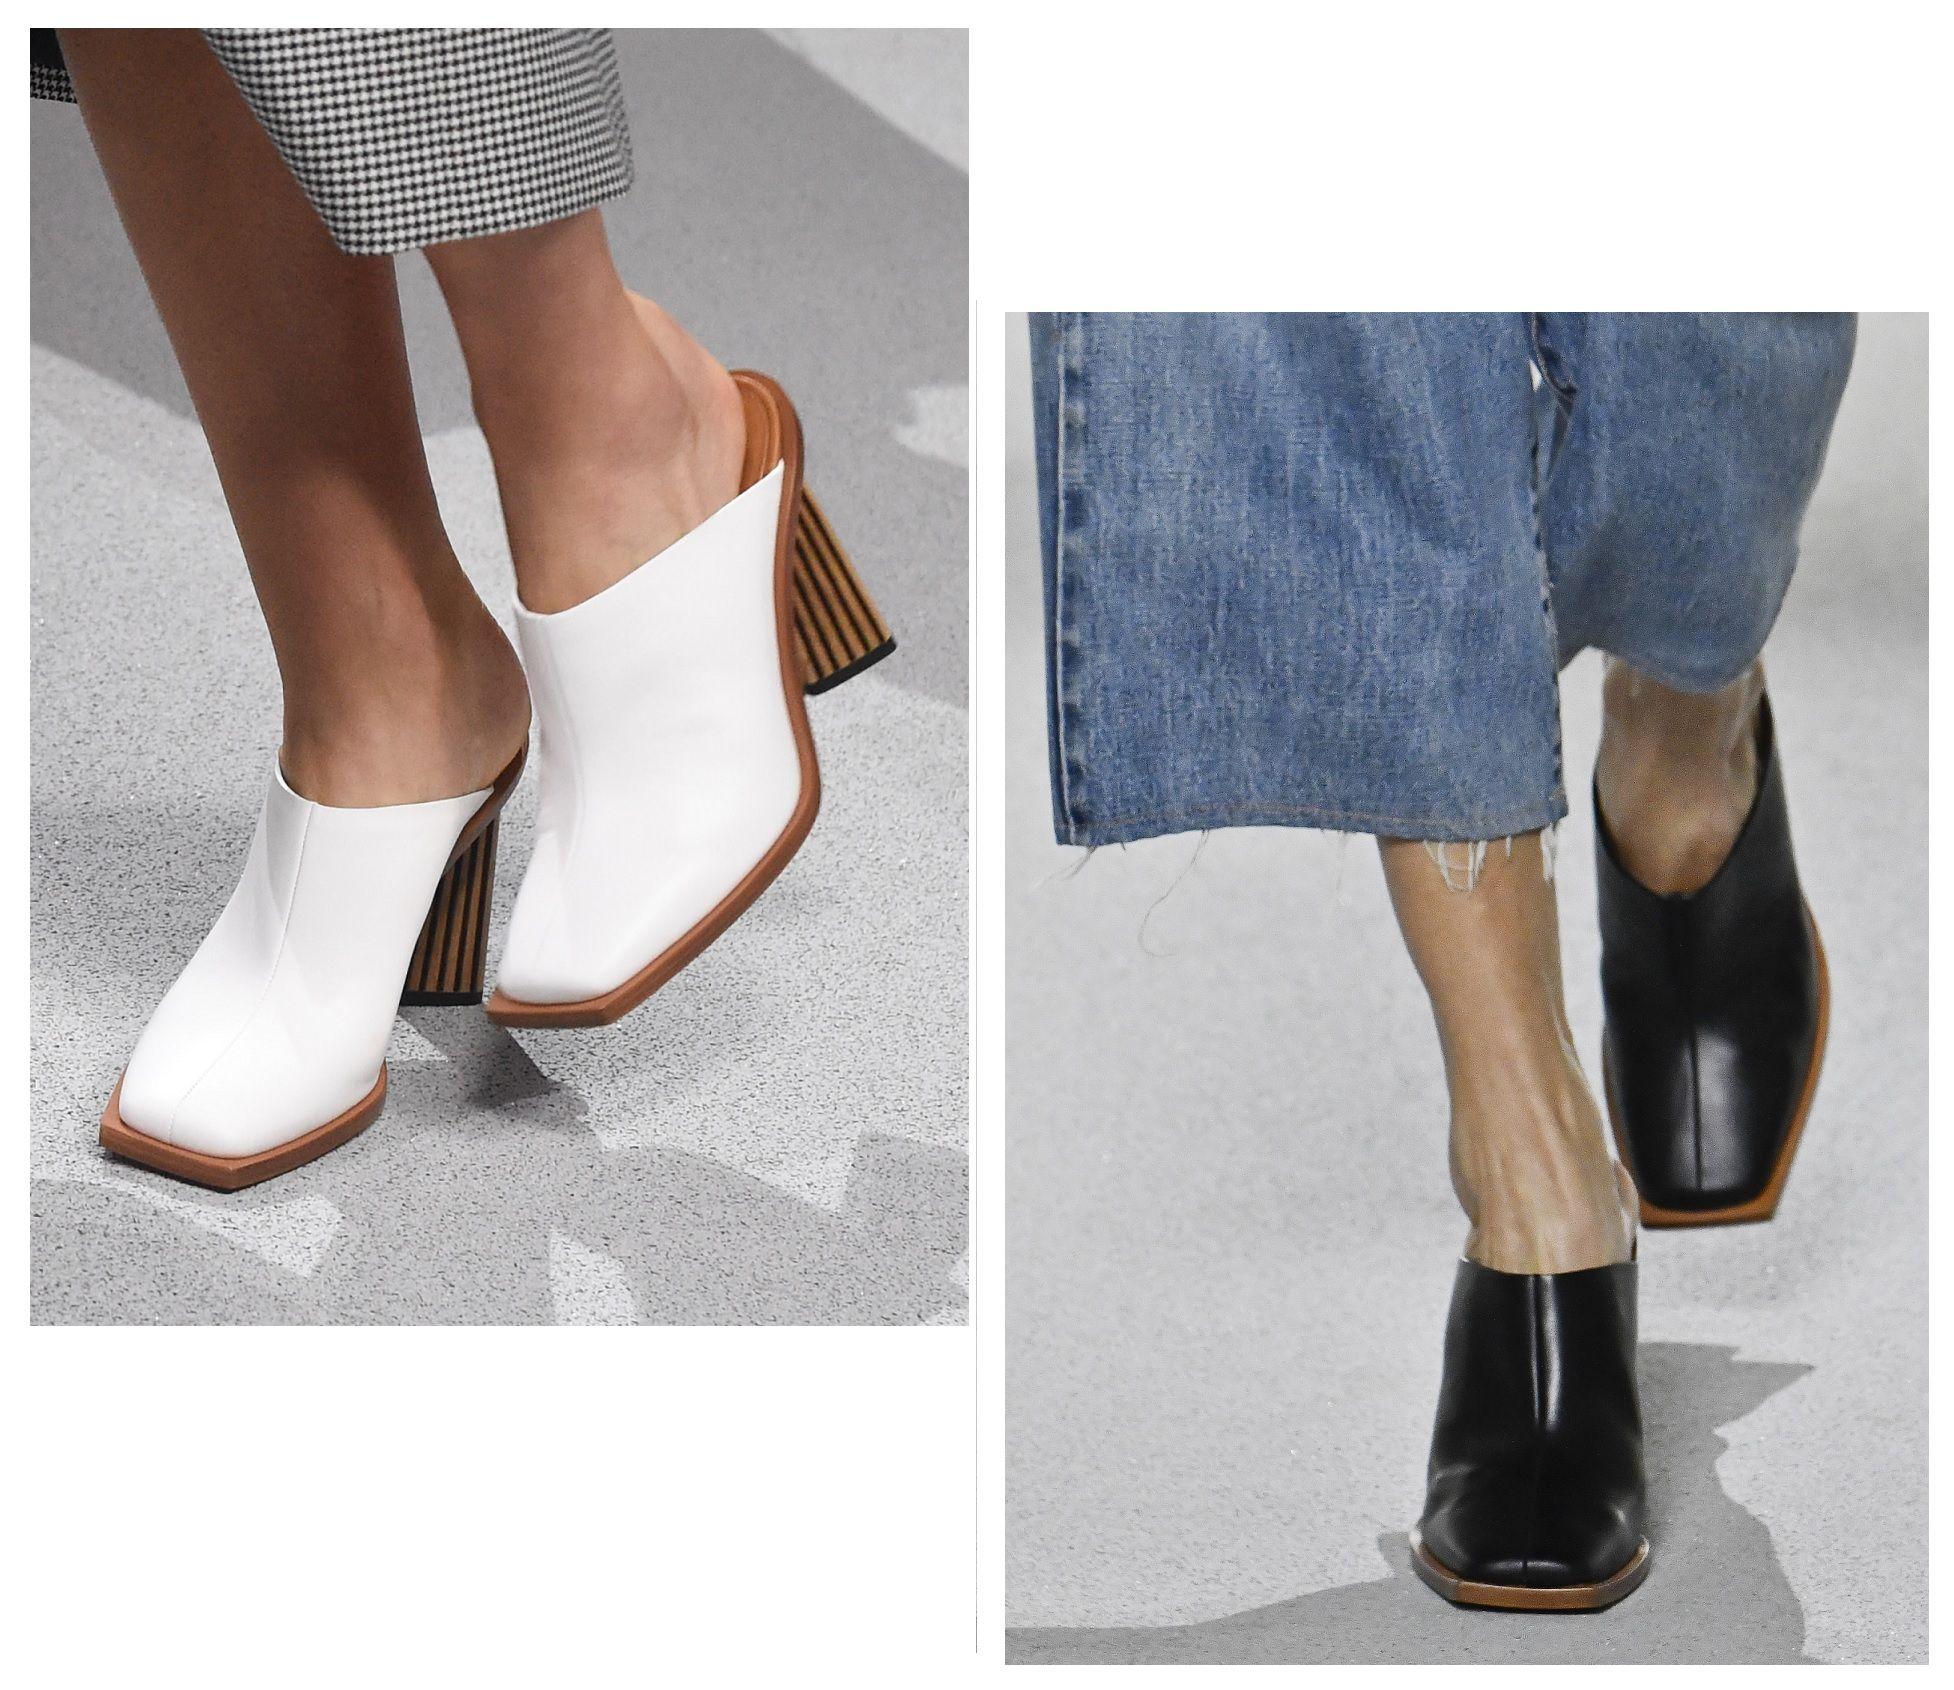 Las tendencias en zapatos, botas y botines que llevaremos 2020